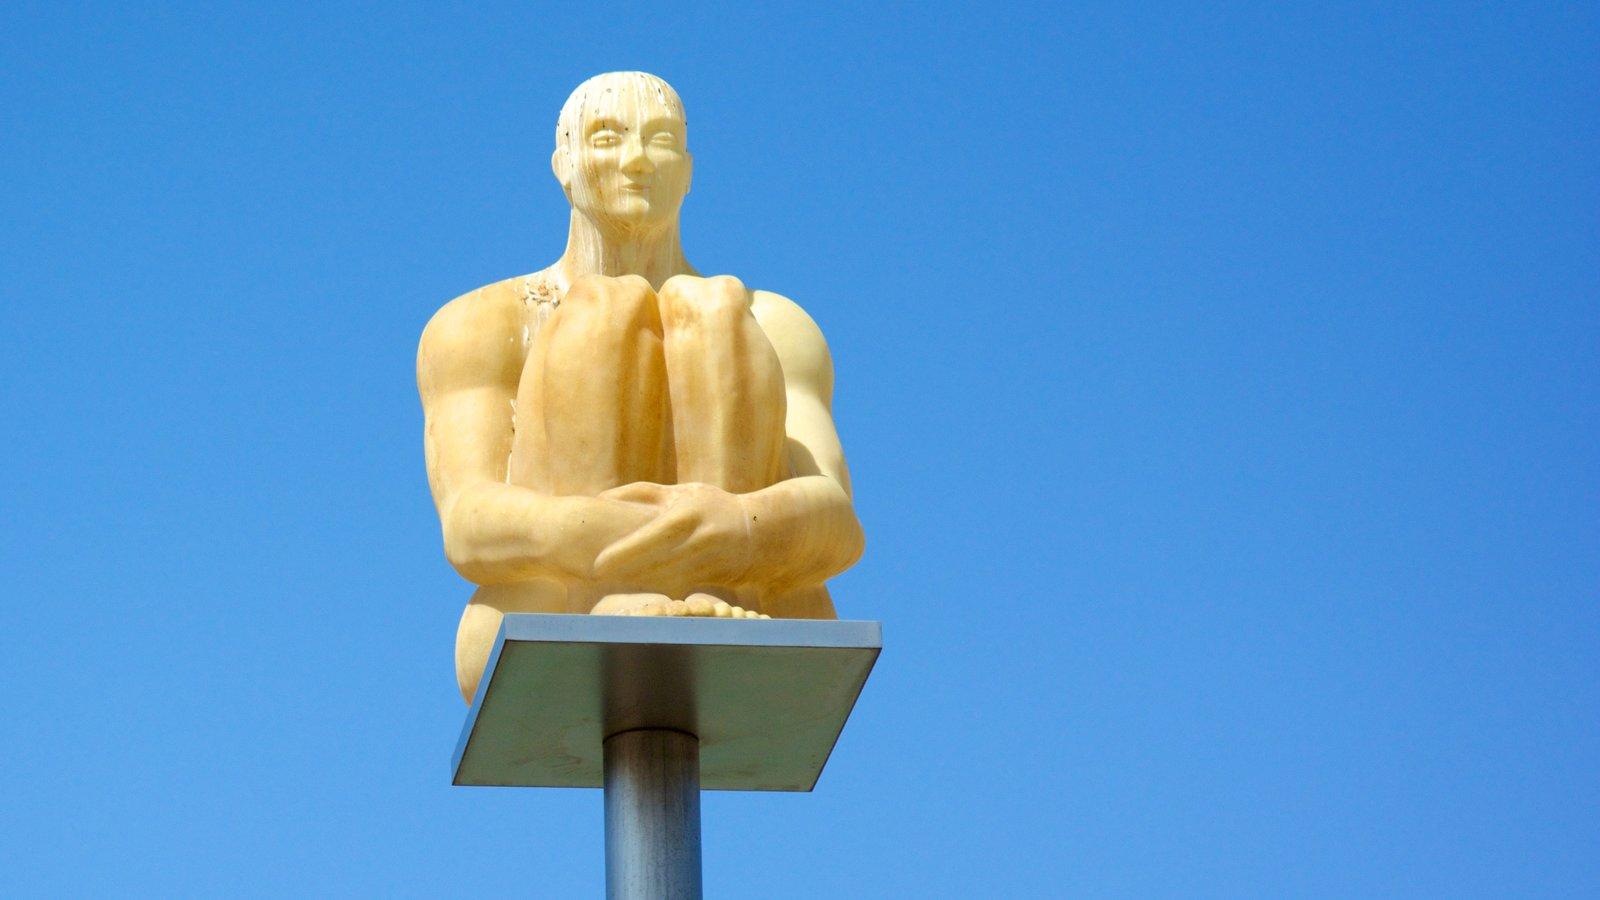 Place Massena que inclui arte ao ar livre e uma estátua ou escultura